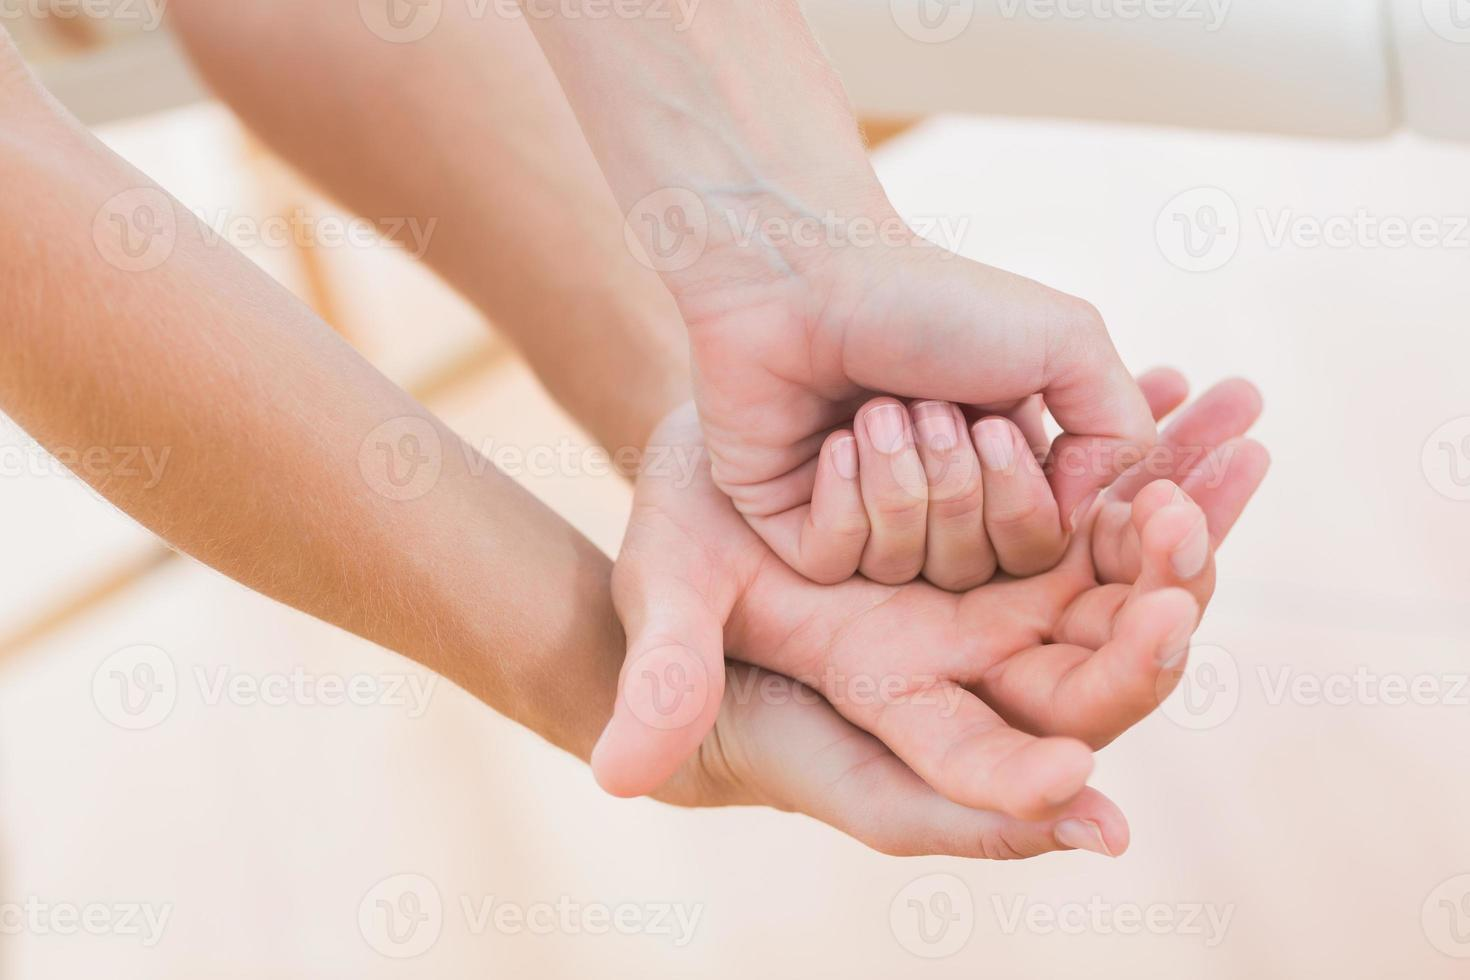 fisioterapeuta fazendo massagem nas mãos foto